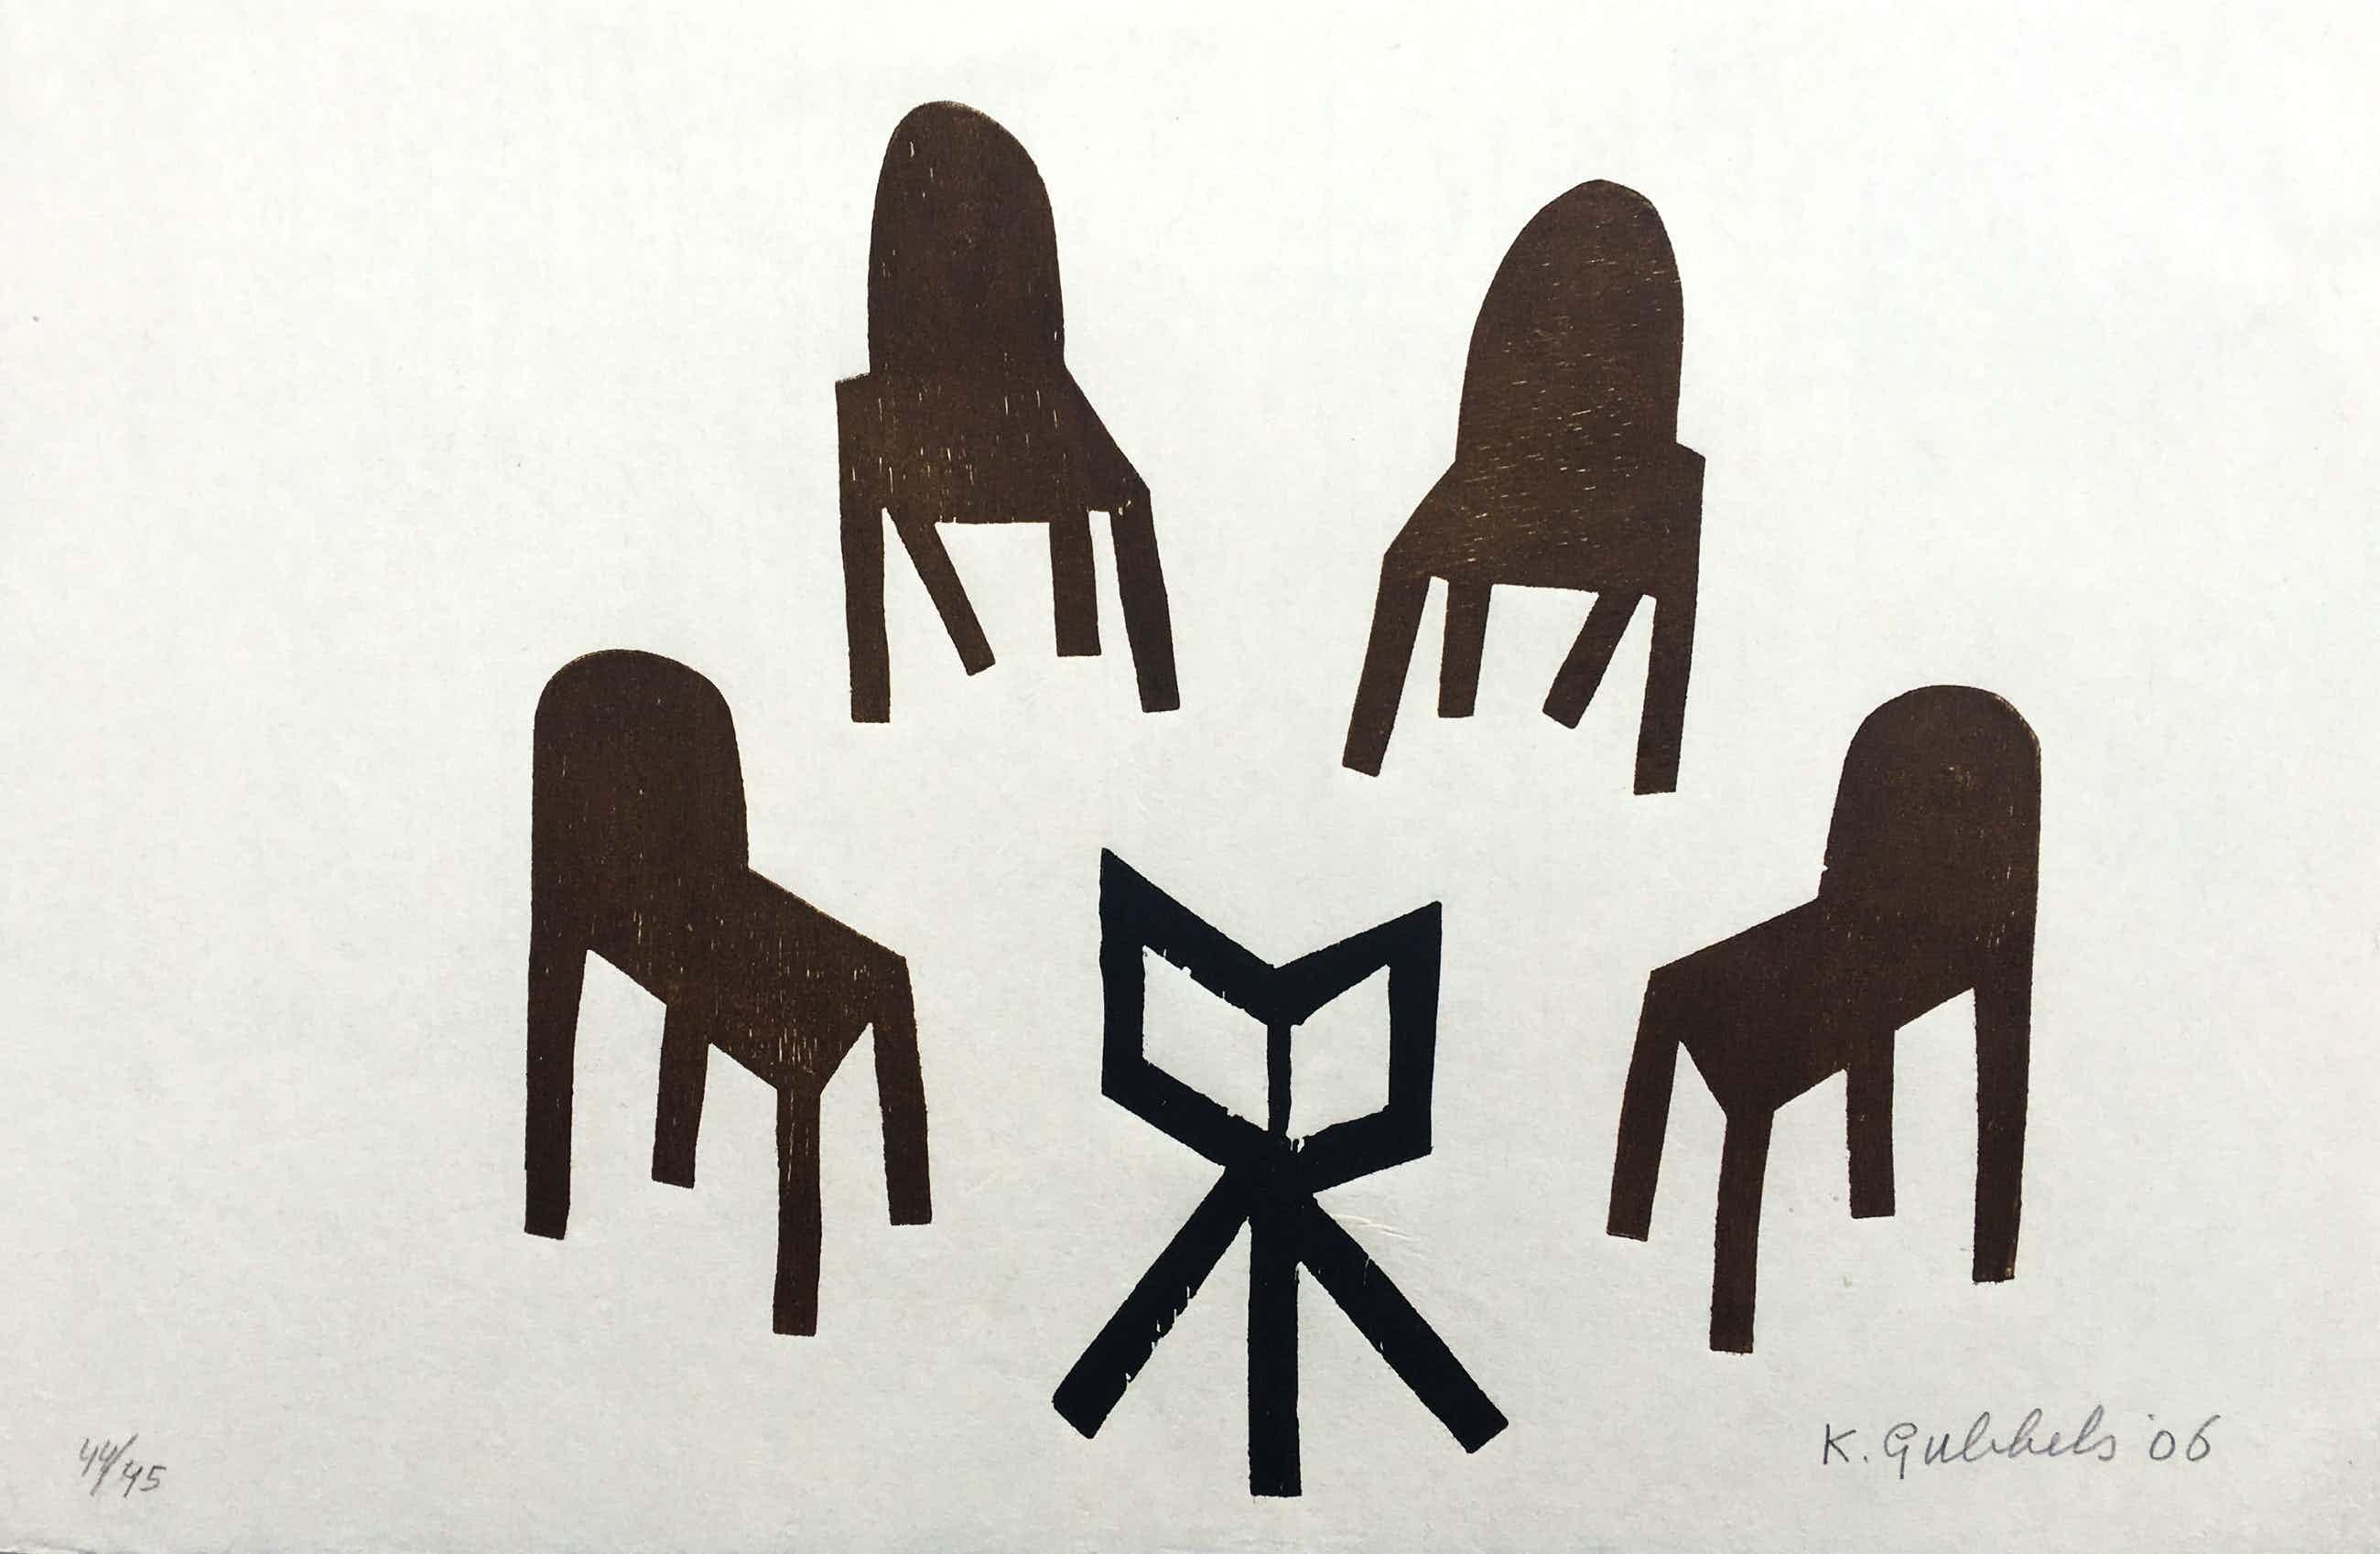 Klaas Gubbels - houtdruk op geschept papier - 'Hongaars Kwartet' - 2006 kopen? Bied vanaf 375!